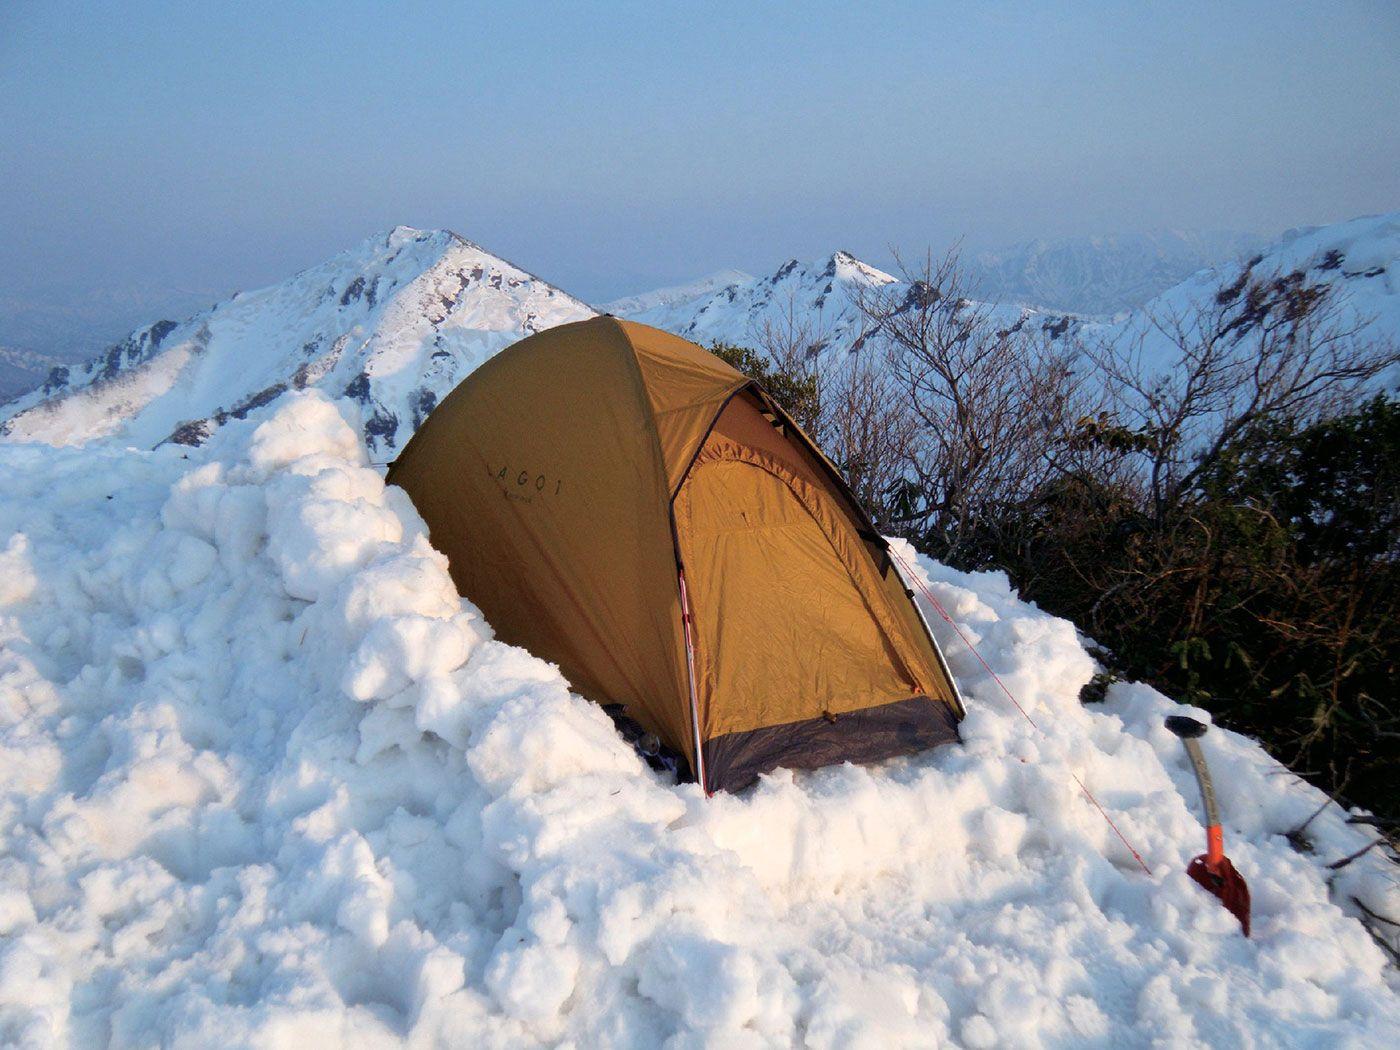 Lago 1 Lightweight Tent u2013 Snow Peak & Lago 1 Lightweight Tent u2013 Snow Peak | travel | Pinterest ...